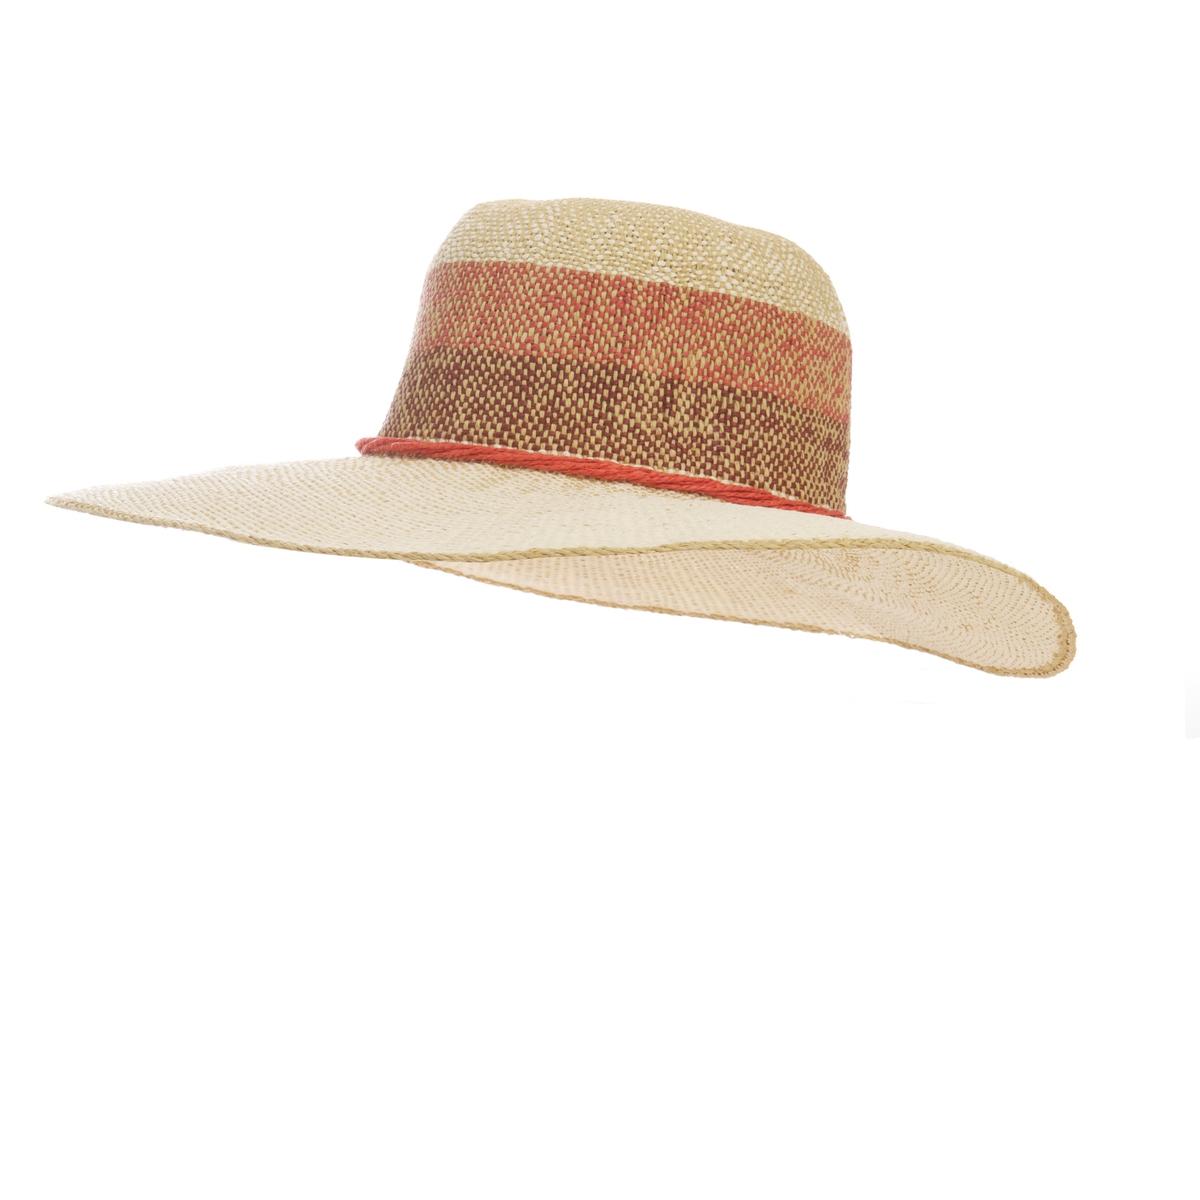 Шляпа с широкими полами разноцветнаяРазноцветная шляпа с широкими полами, R Studio.Шляпа с широкими полами из соломы красивой расцветки, модная тенденция этого лета ! Состав и описание :Материал : искусственная соломаМарка : R StudioРазмеры : окружность головы 60 см.<br><br>Цвет: красный/серо-бежевый